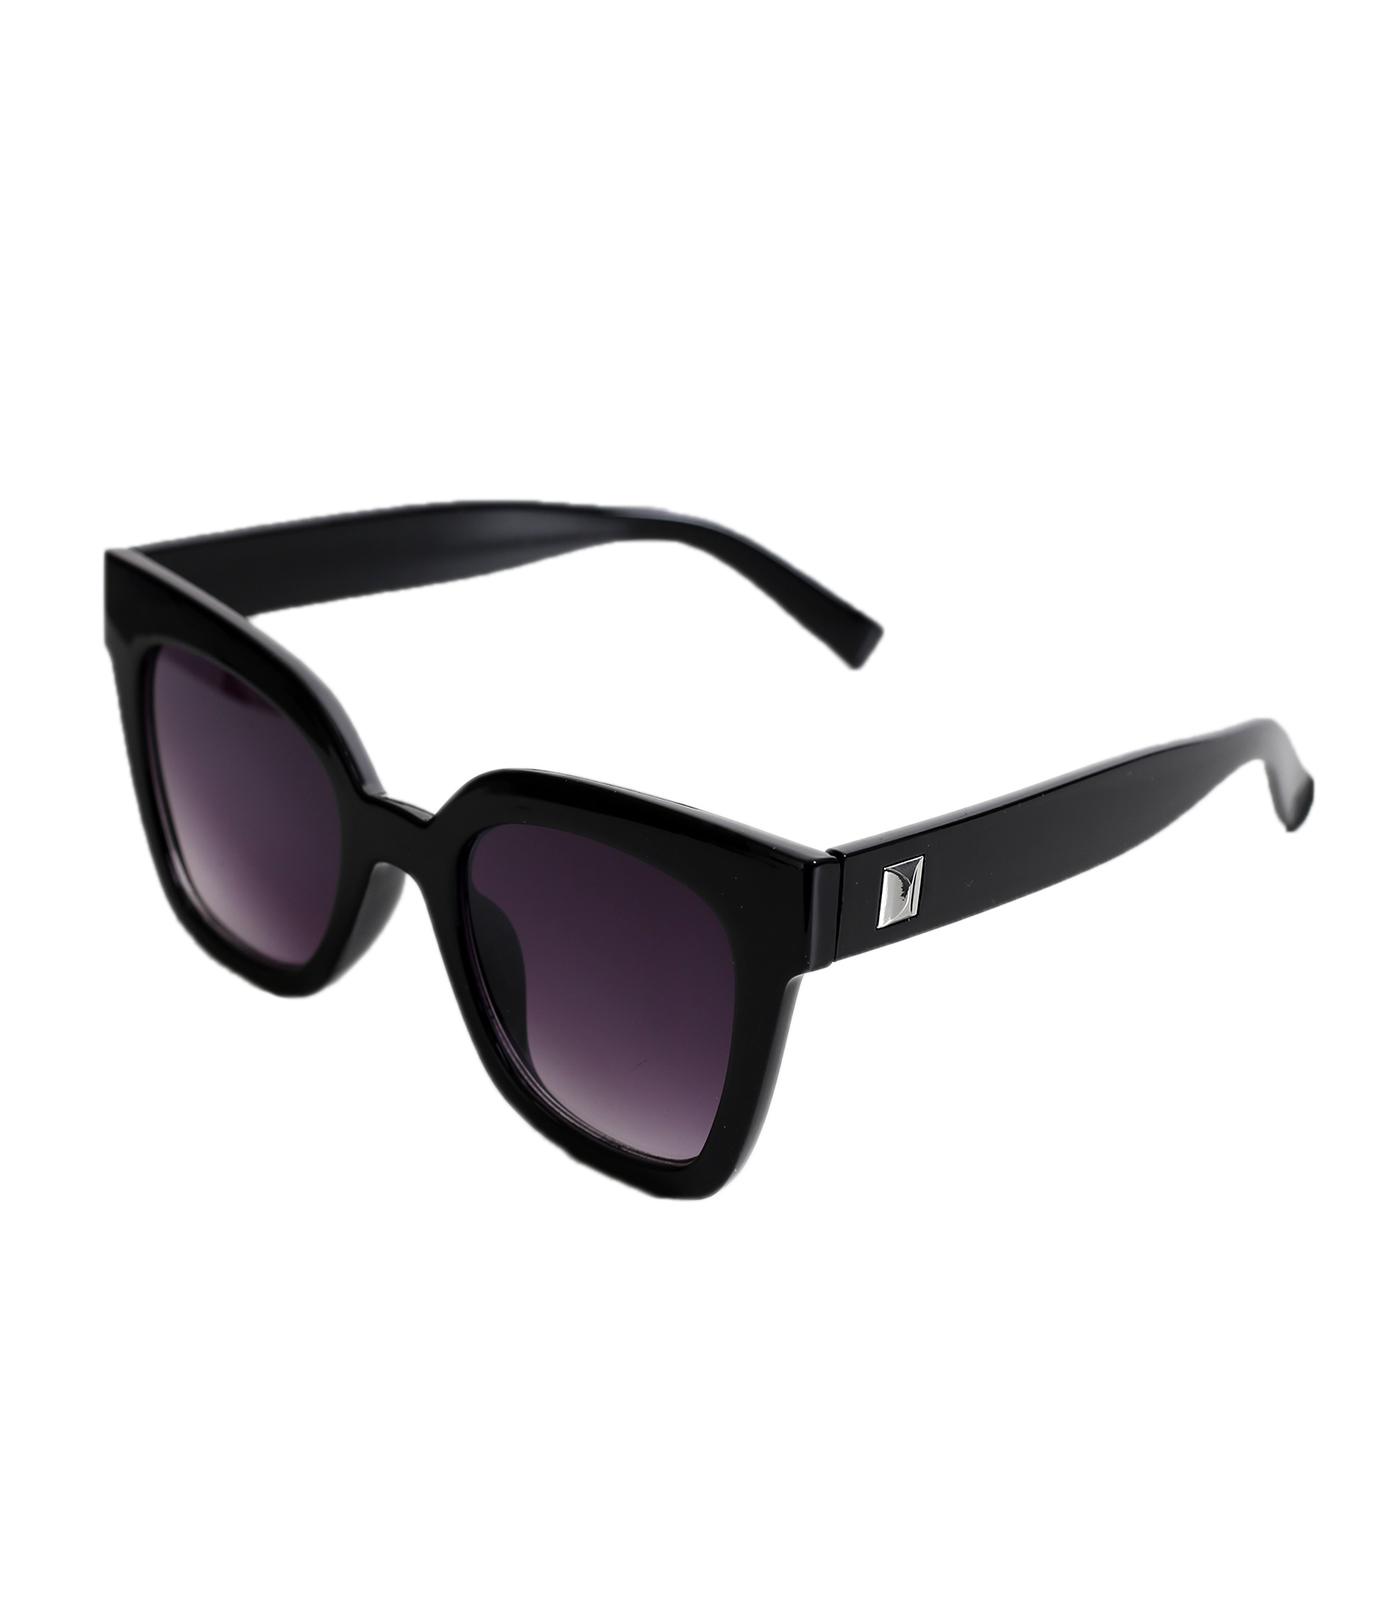 Γυαλιά ηλίου με μαύρο σκελετό και ασημί λεπτομέρεια στο πλάι αξεσουάρ   γυαλιά